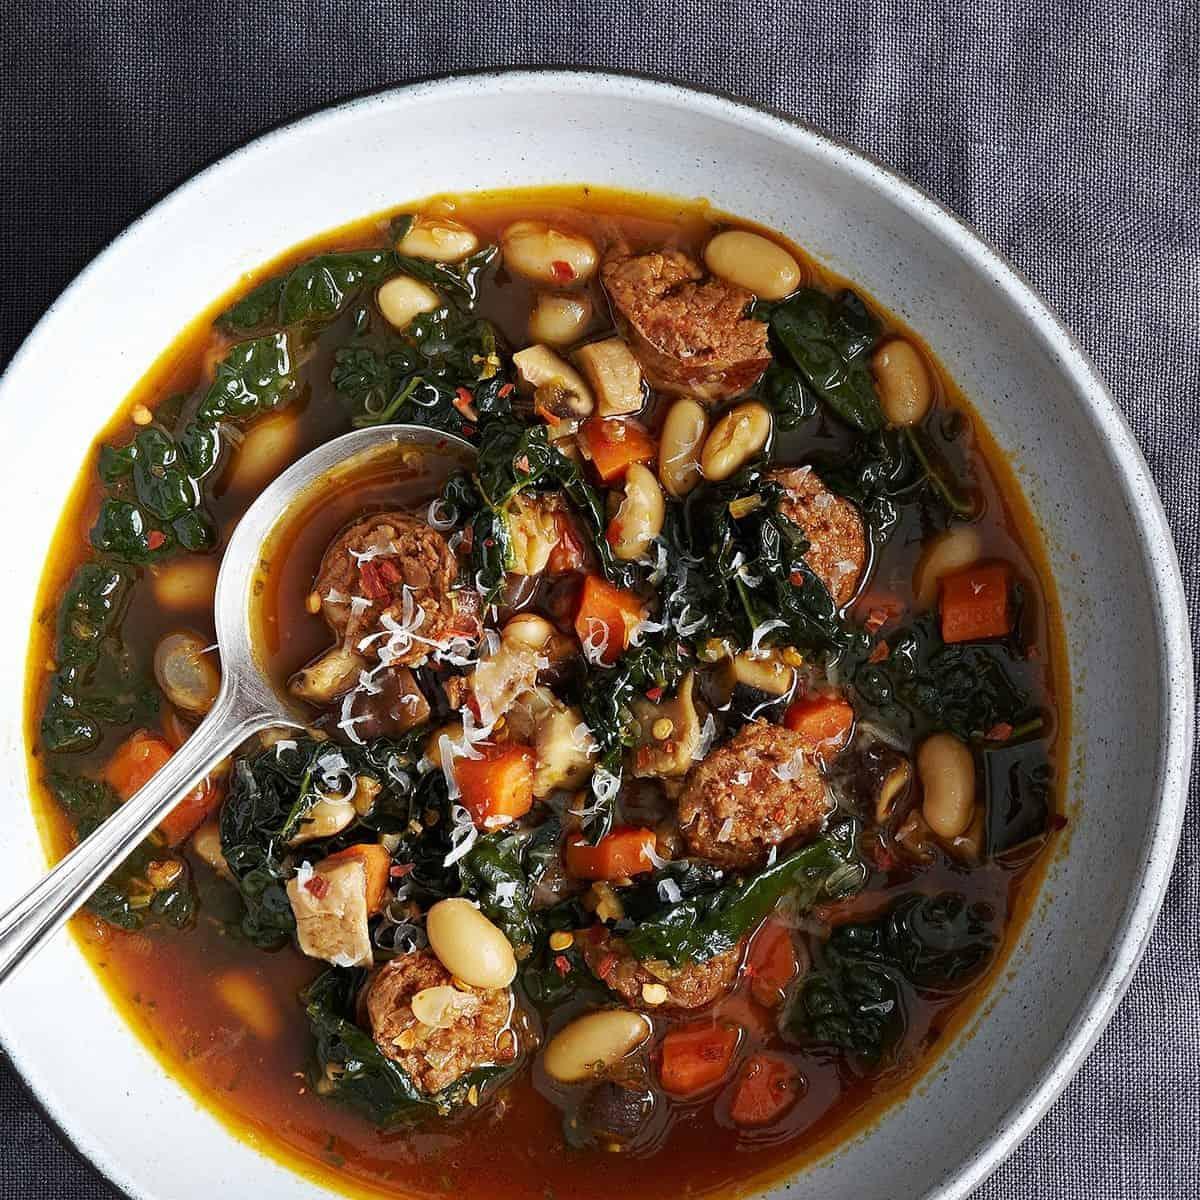 Deftige Suppe mit Grünkohl einfach genial